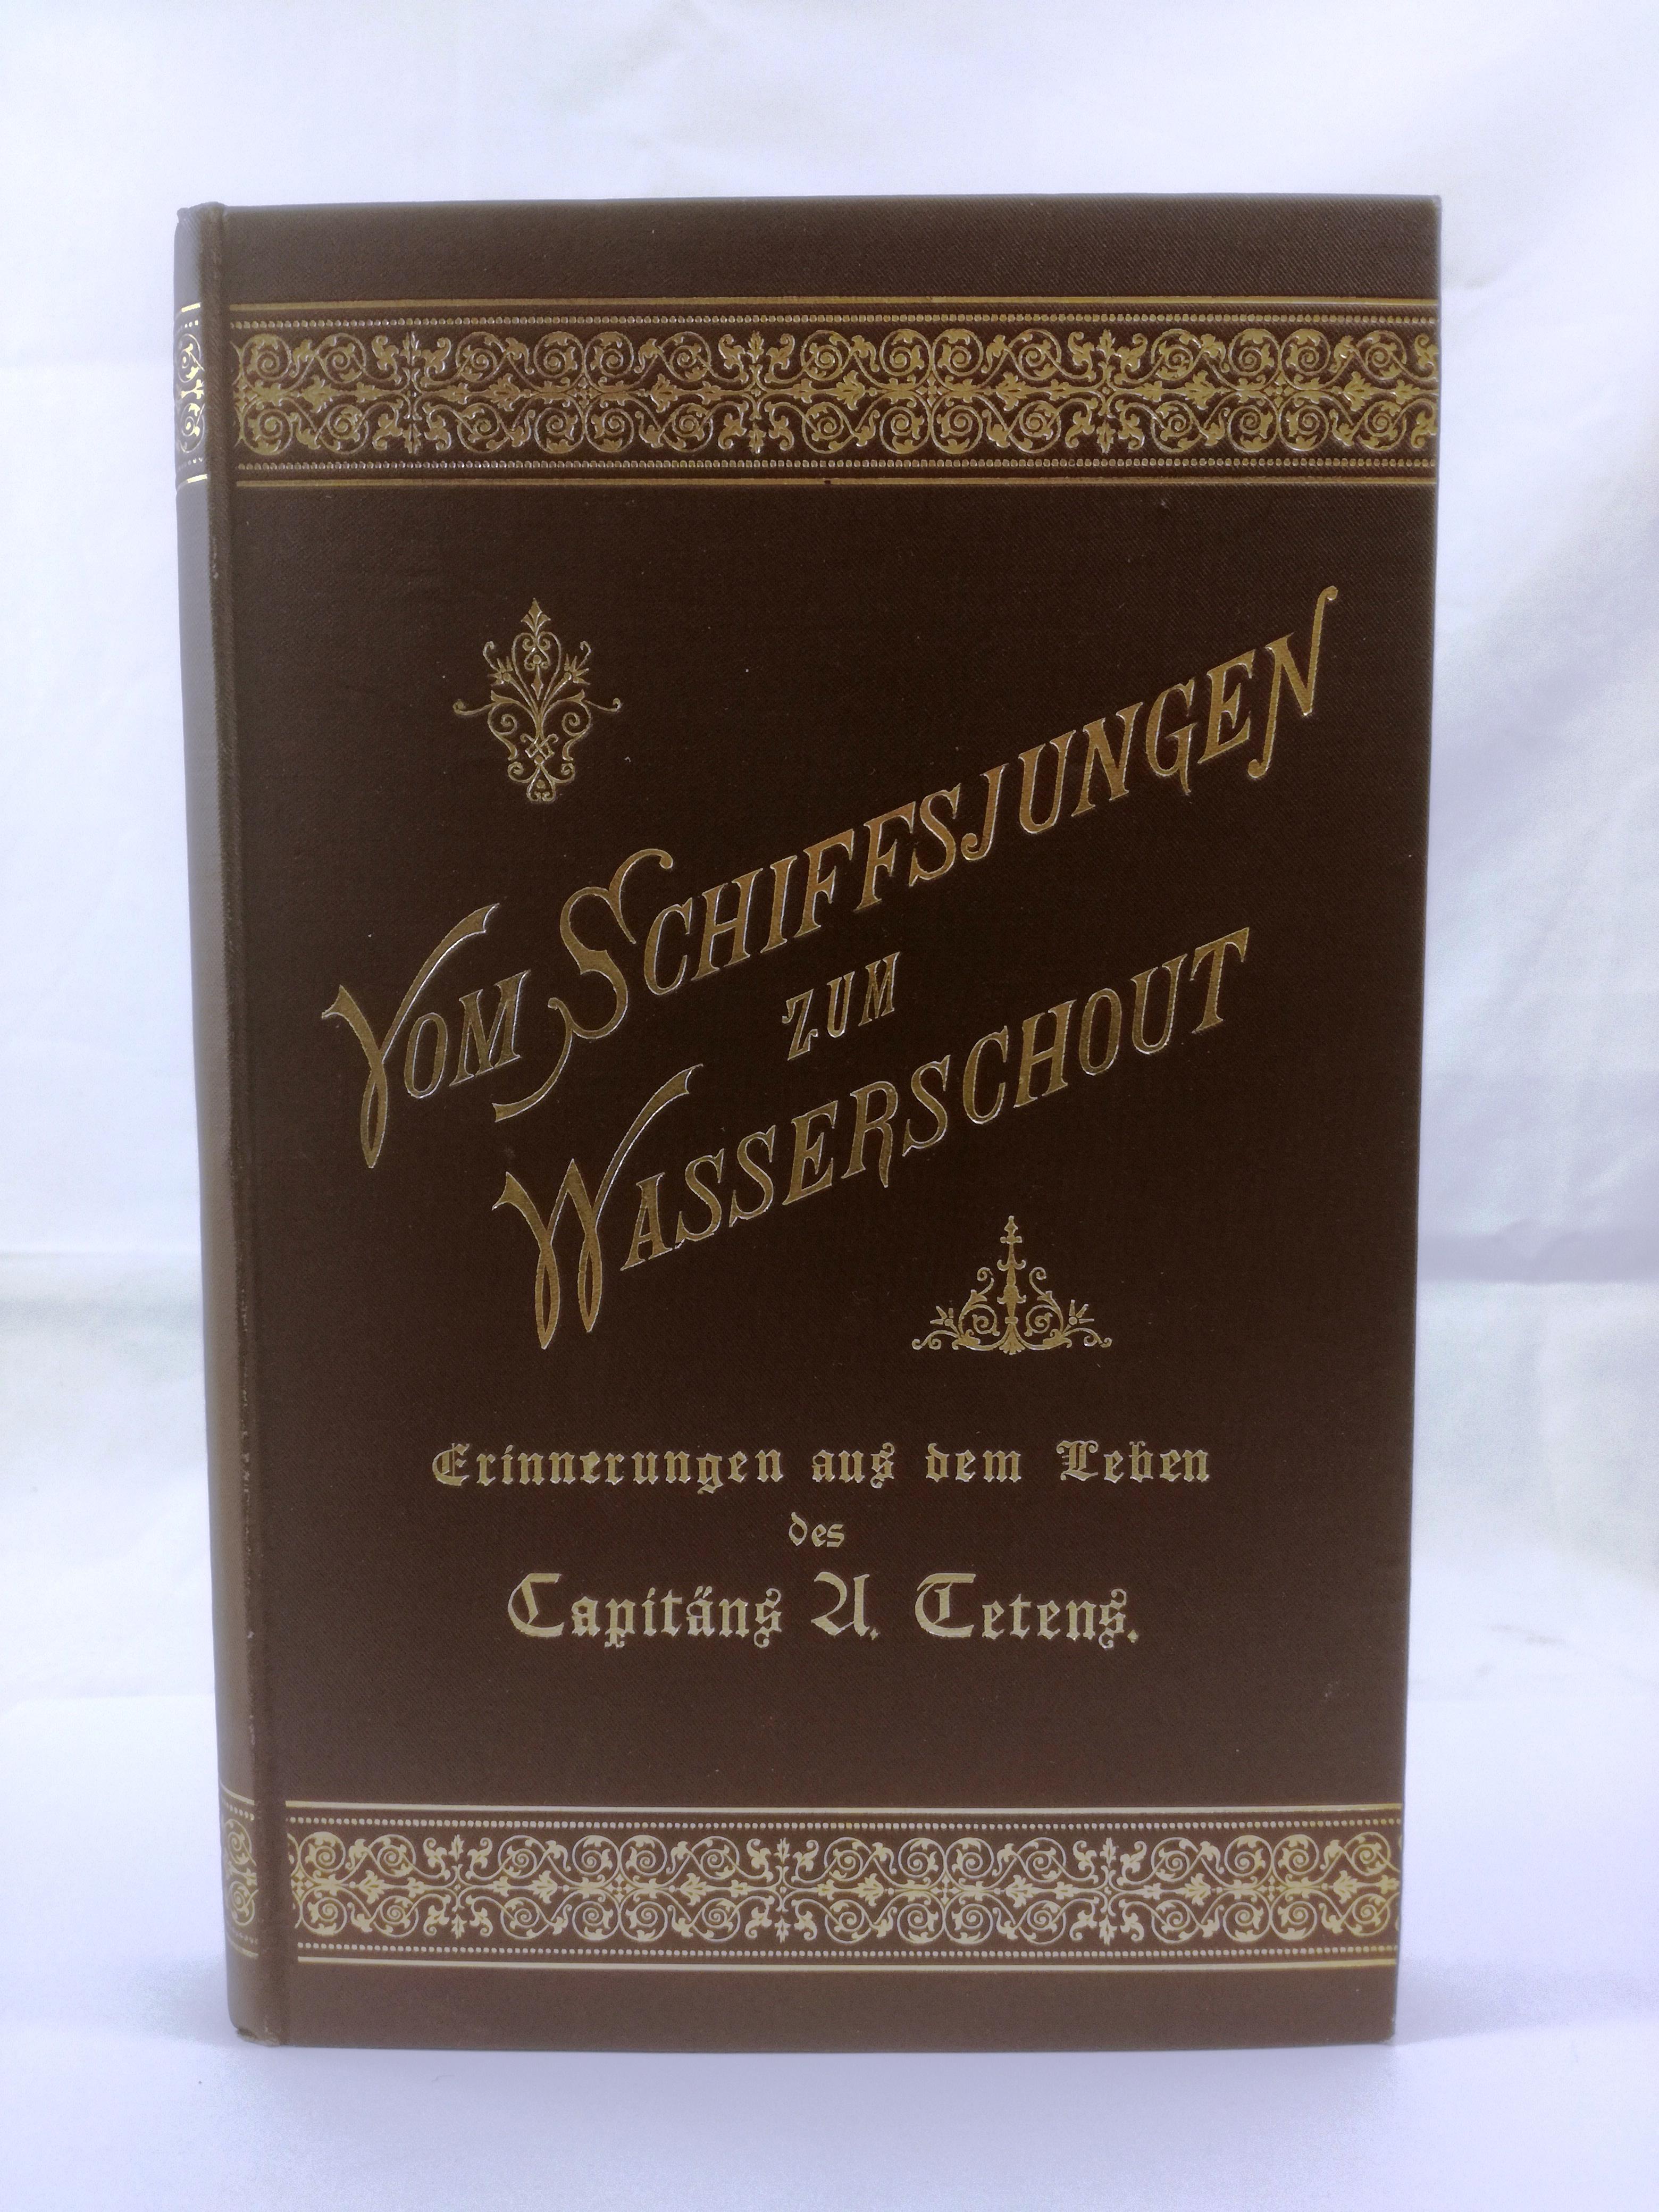 Vom Schiffsjungen zum Wasserschout Erinnerungen aus dem: S. Steinberg